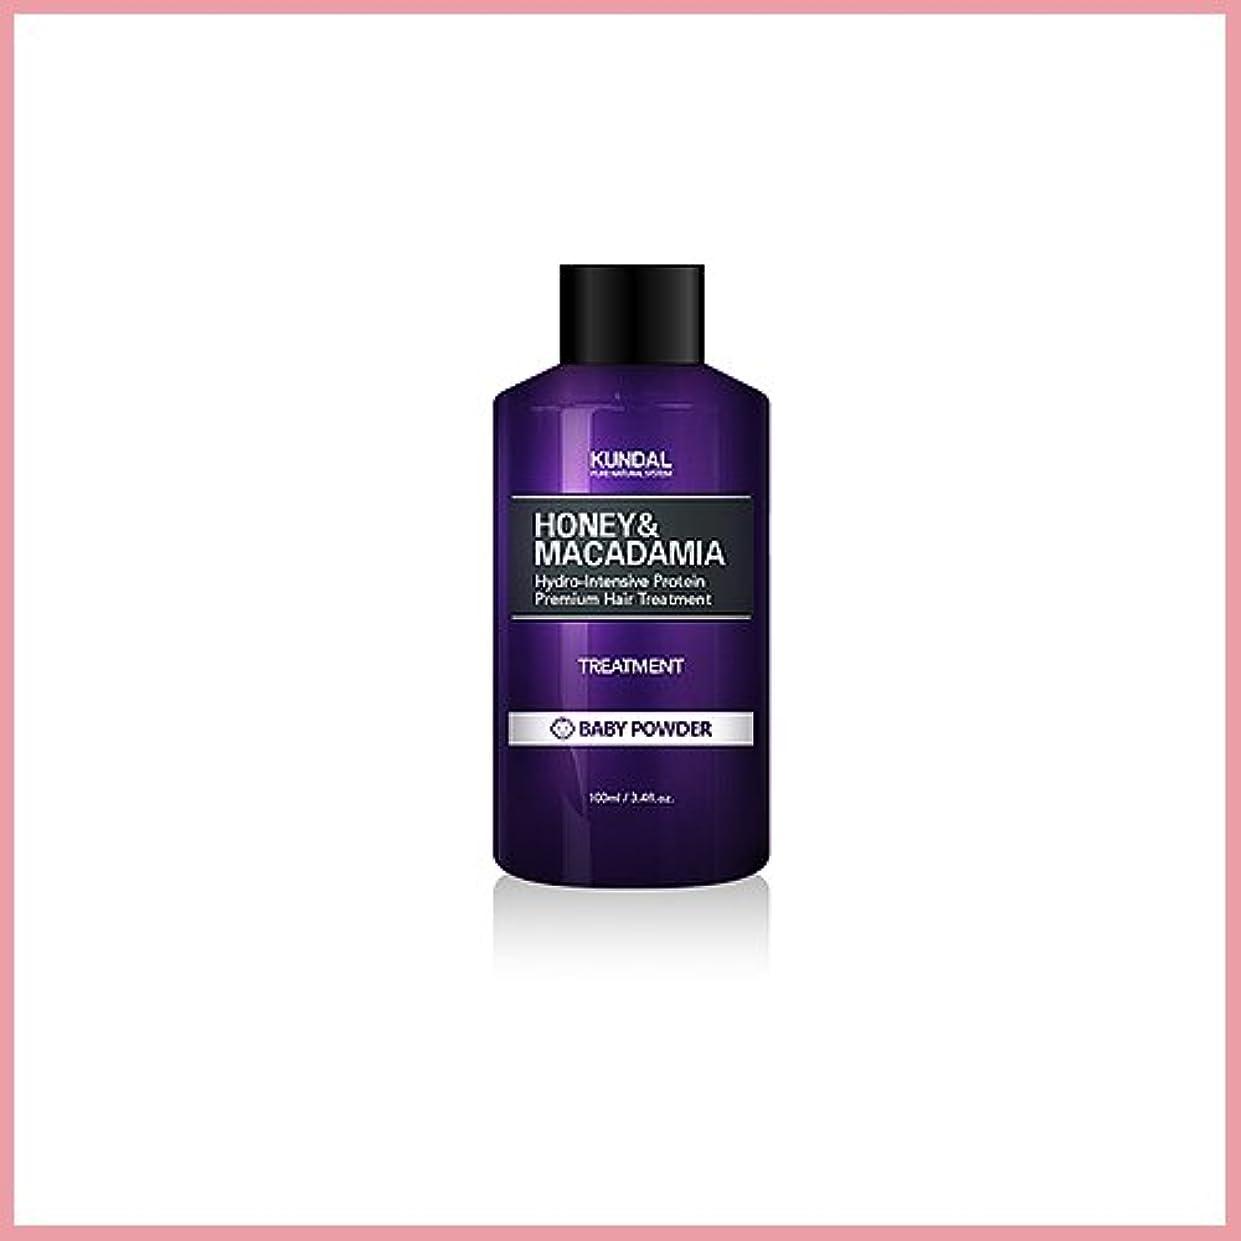 束連鎖スイ[KUNDAL/クンダル] Kundal Premium Hair Treatment 100ml [2017年韓国満足度1位][TTBEAUTY][韓国コスメ]